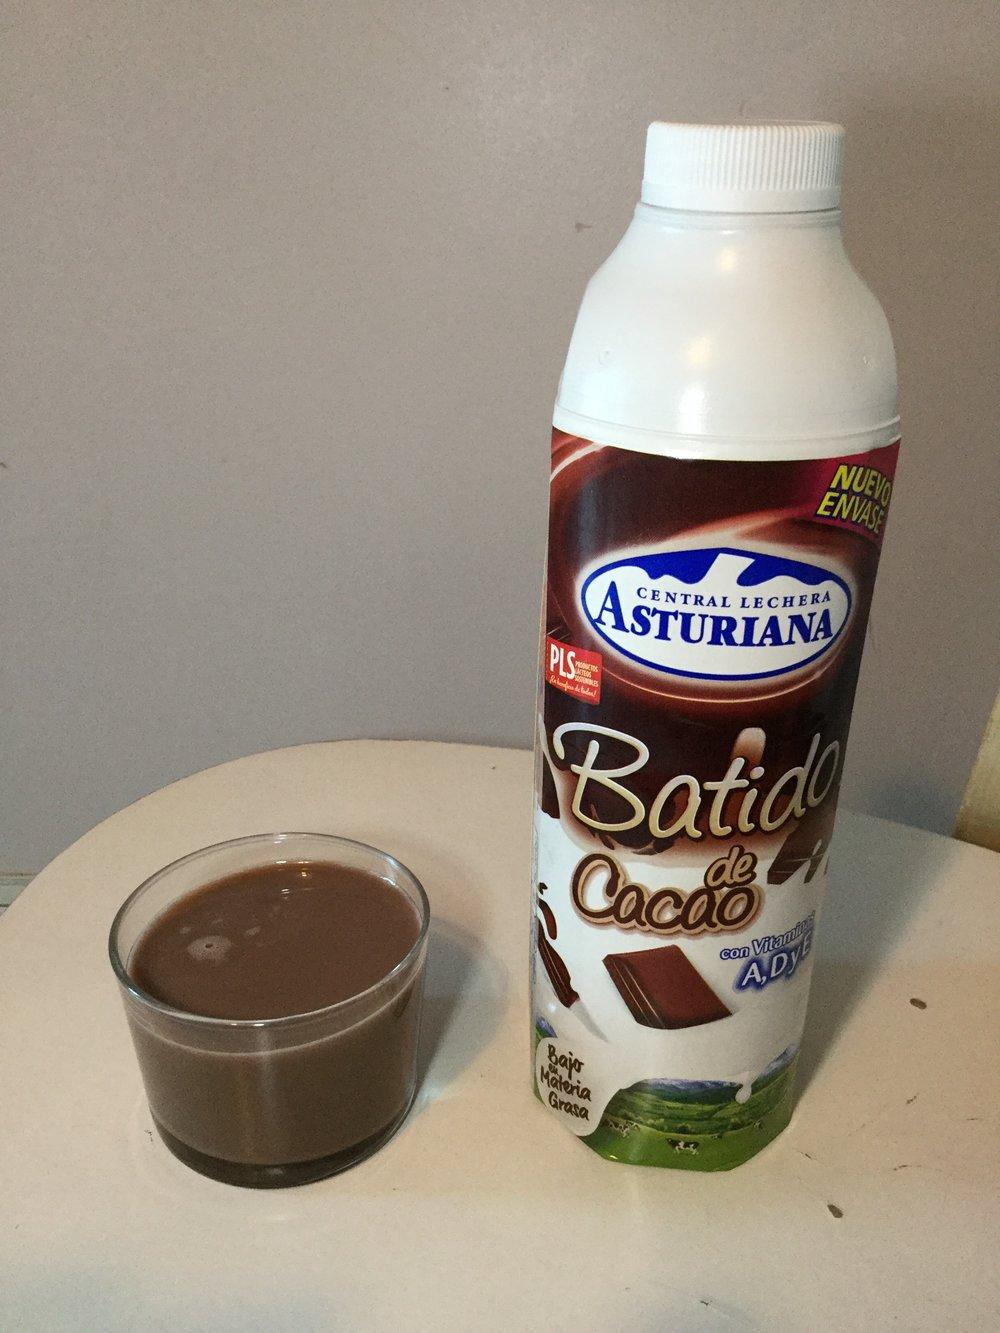 Central Lechera Asturiana Batido De Cacao Cup